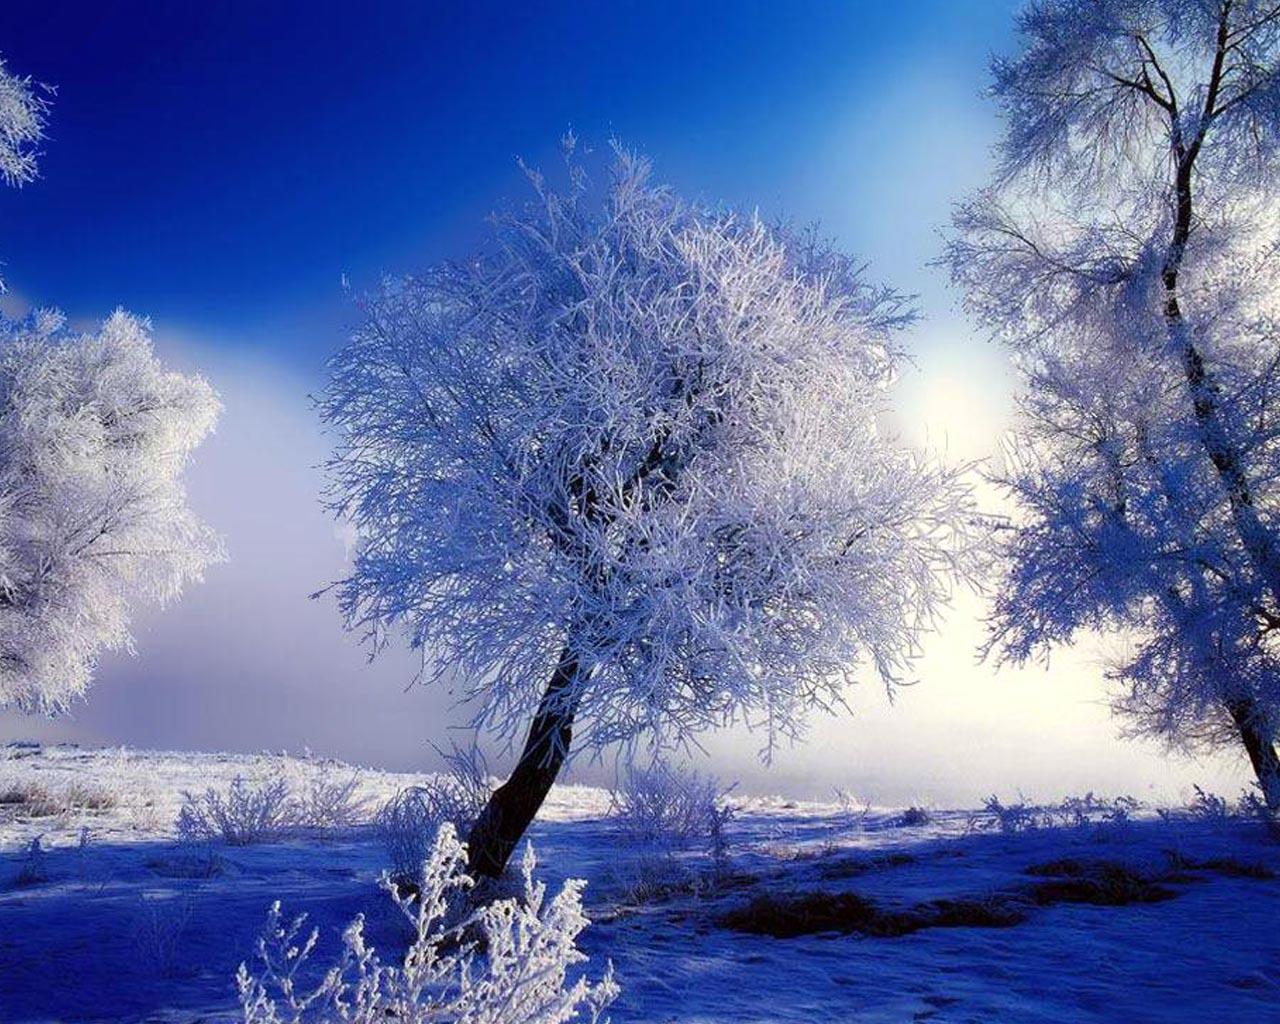 Tapeta na plochu v rozlišení 1280x1024 krásná zimní scenérie